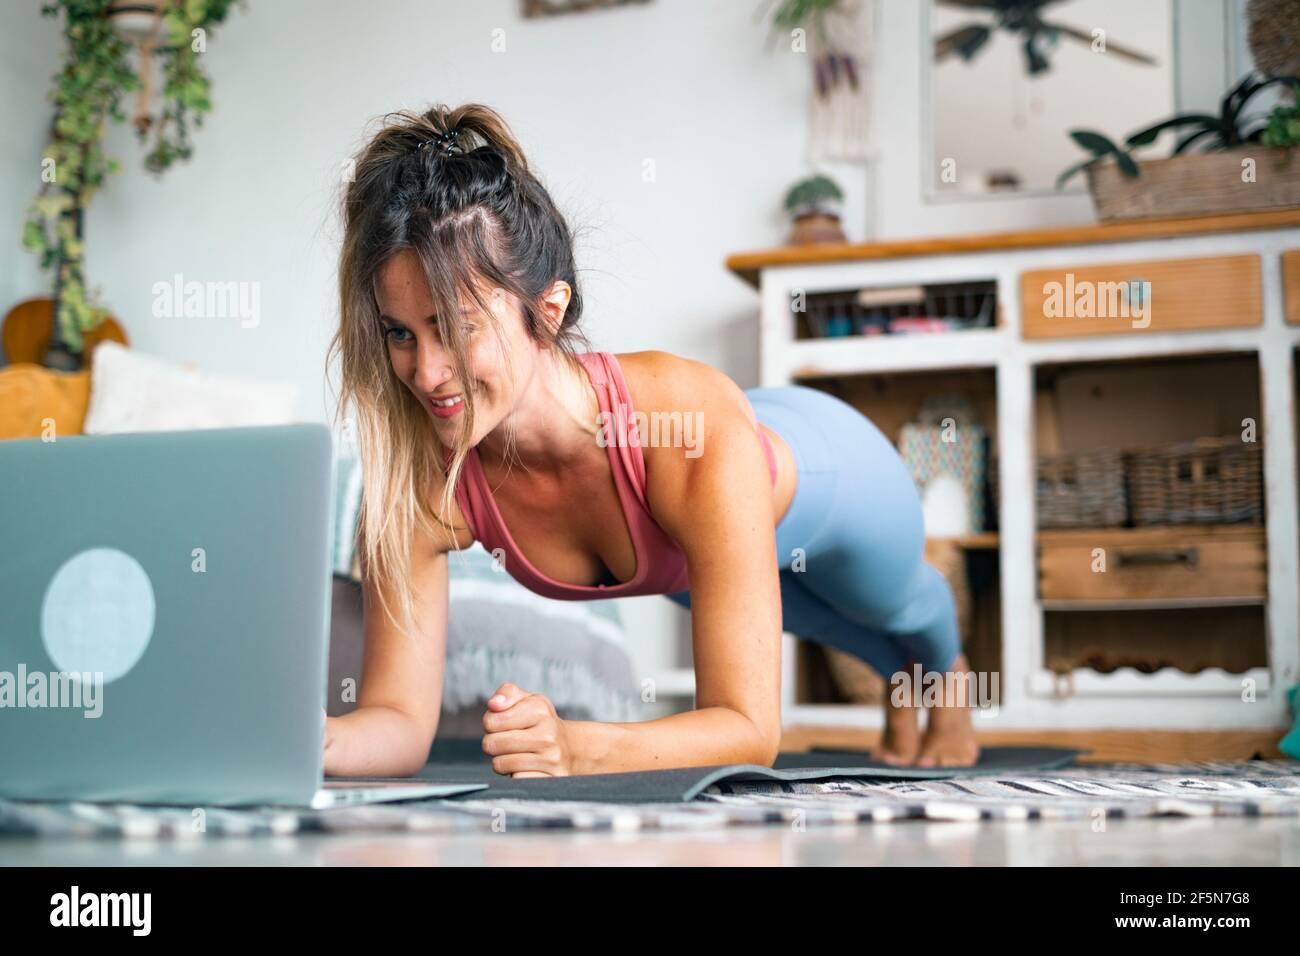 Jeune femme s'exerçant à la maison faisant des push-up et regardant sur son ordinateur portable personnel pour apprendre ou enseigner l'entraînement - le créateur de contenu d'affaires libre il Banque D'Images